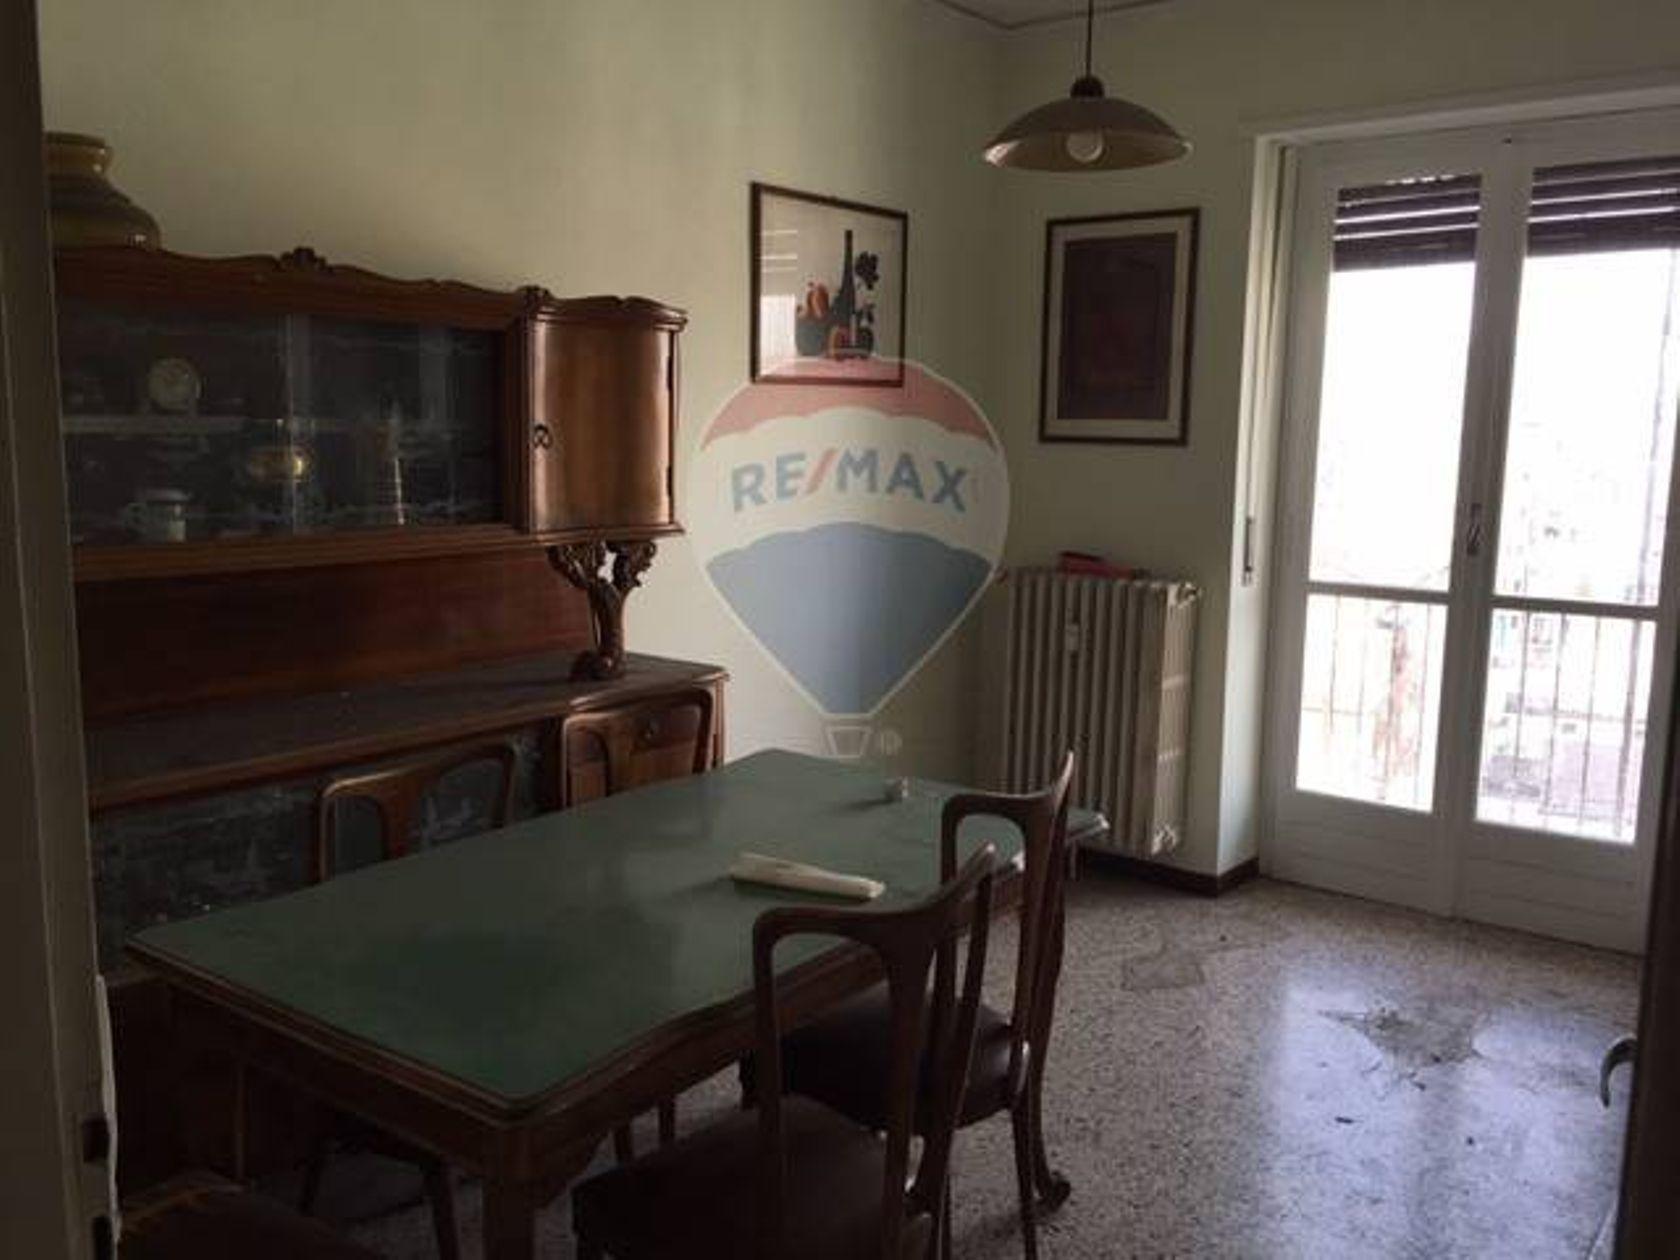 Appartamento Torino-barriera Di Milano Falchera Barca-bertolla, Torino, TO Vendita - Foto 19